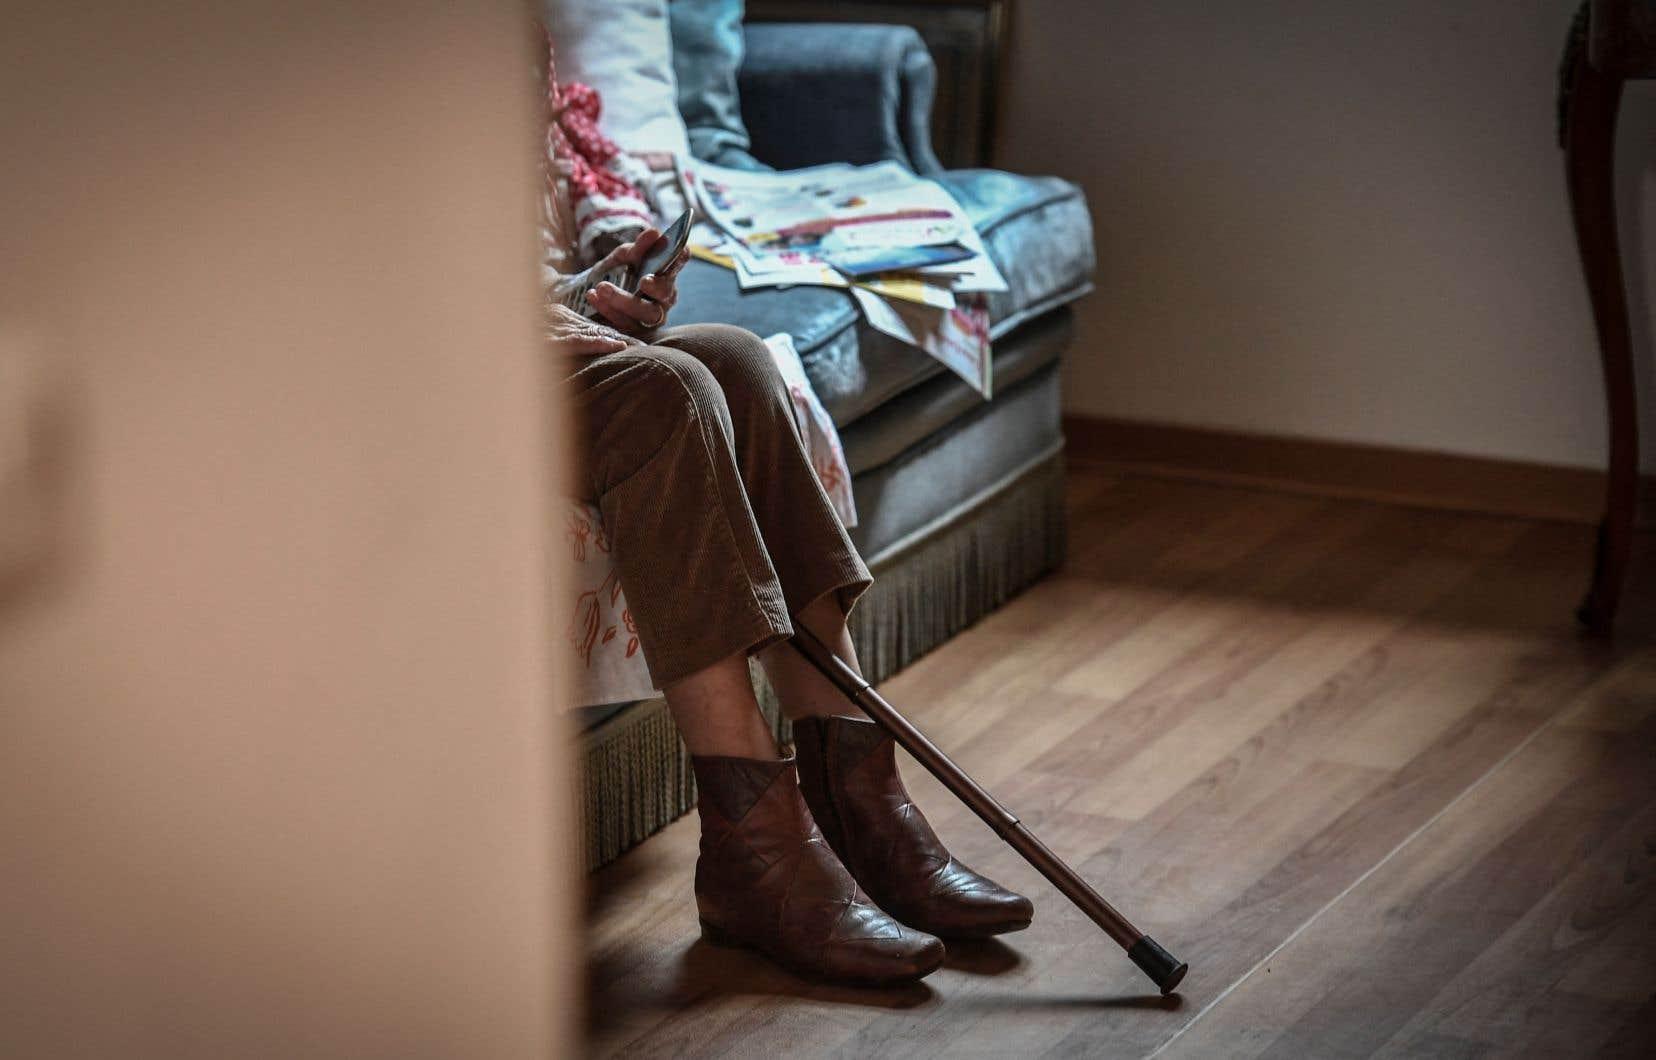 «Réussirai-je à résister aux enclos de retraités, à ma mise au rancart? Je refuse de me cacher pour mourir un jour», résume l'autrice.